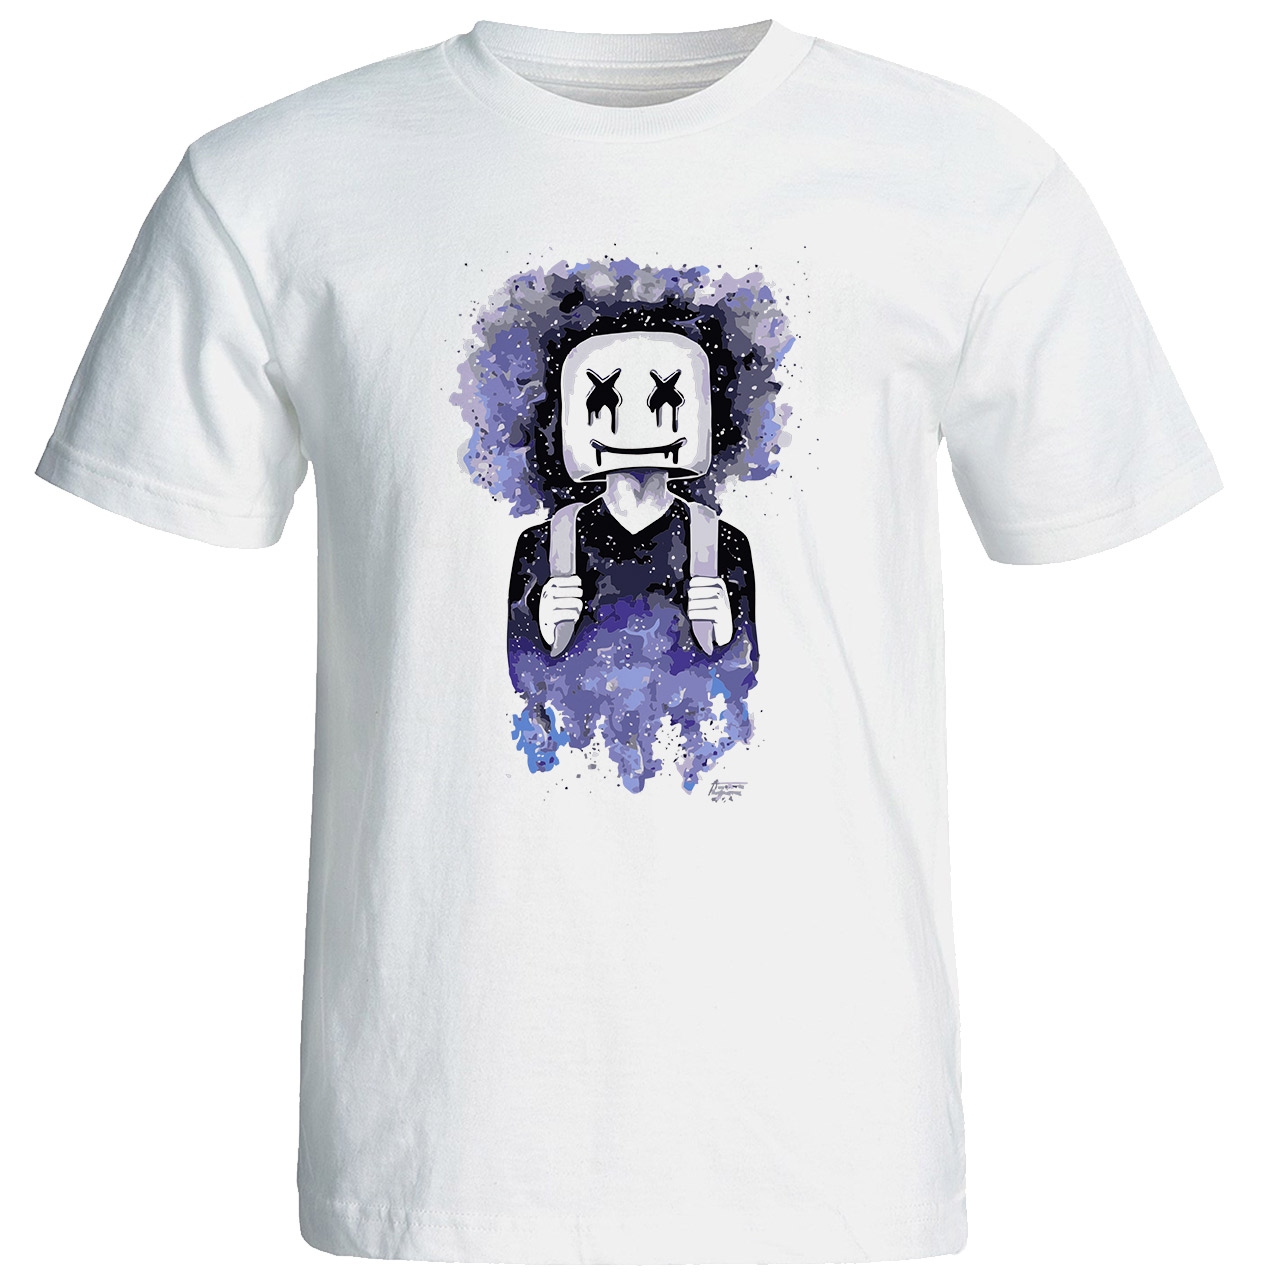 تی شرت مردانه طرح مارشملو  کد 17275